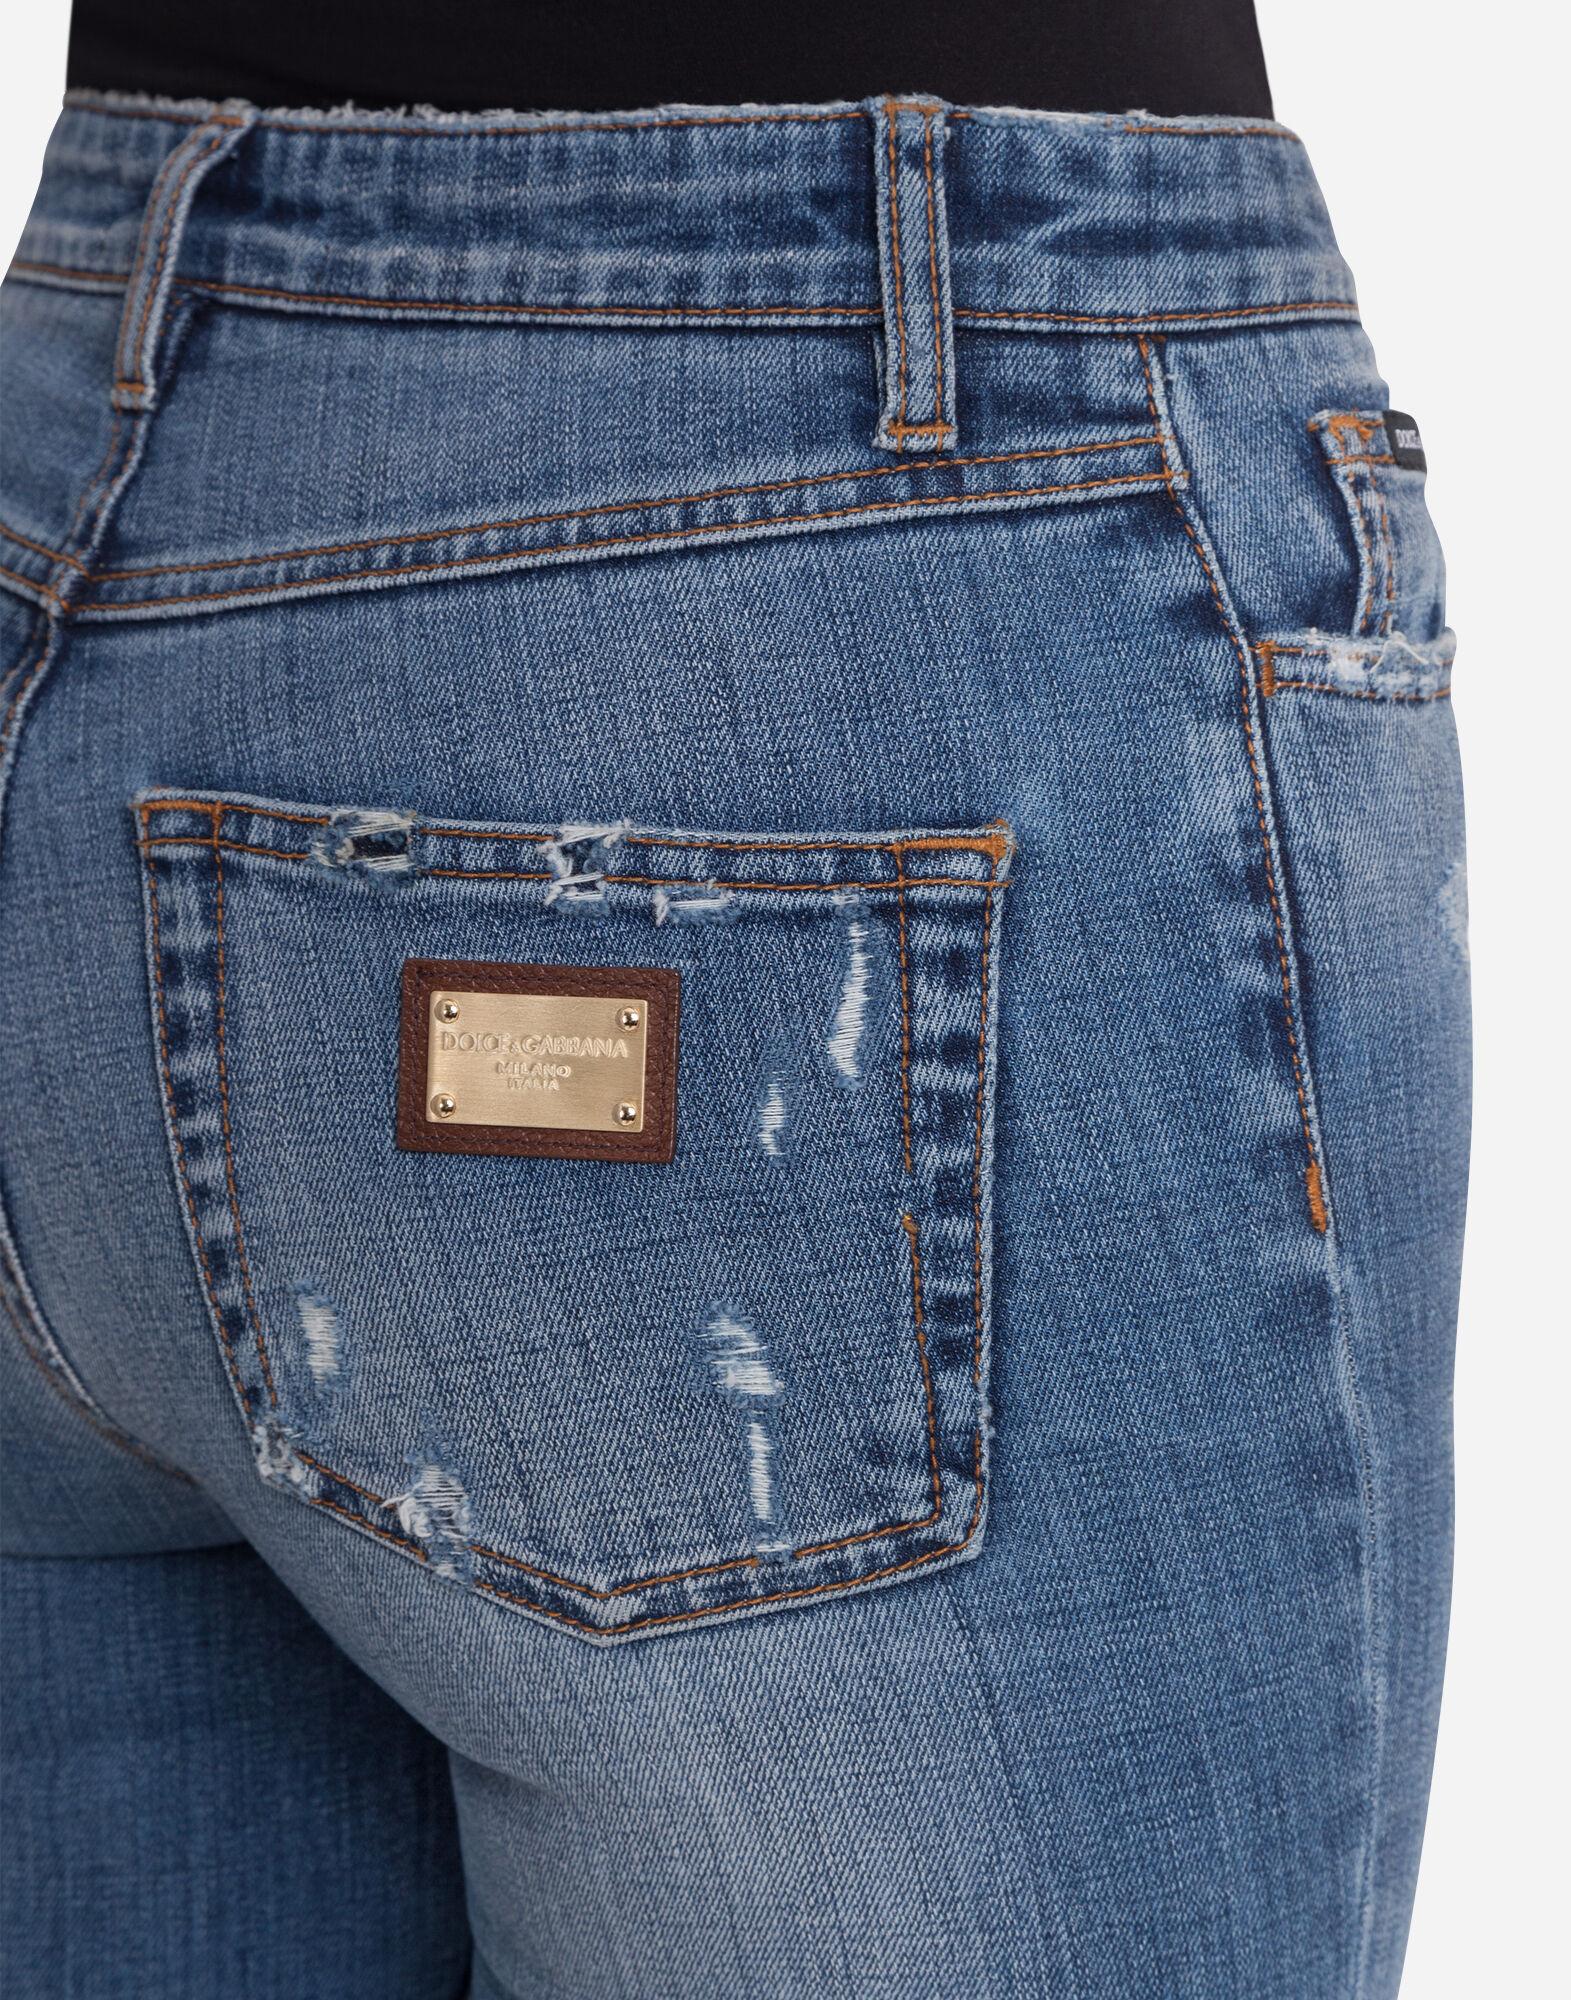 Damen Jeans: alle Denim Formen | Dolce&Gabbana JEANS AUDREY FIT AUS STRETCHDENIM